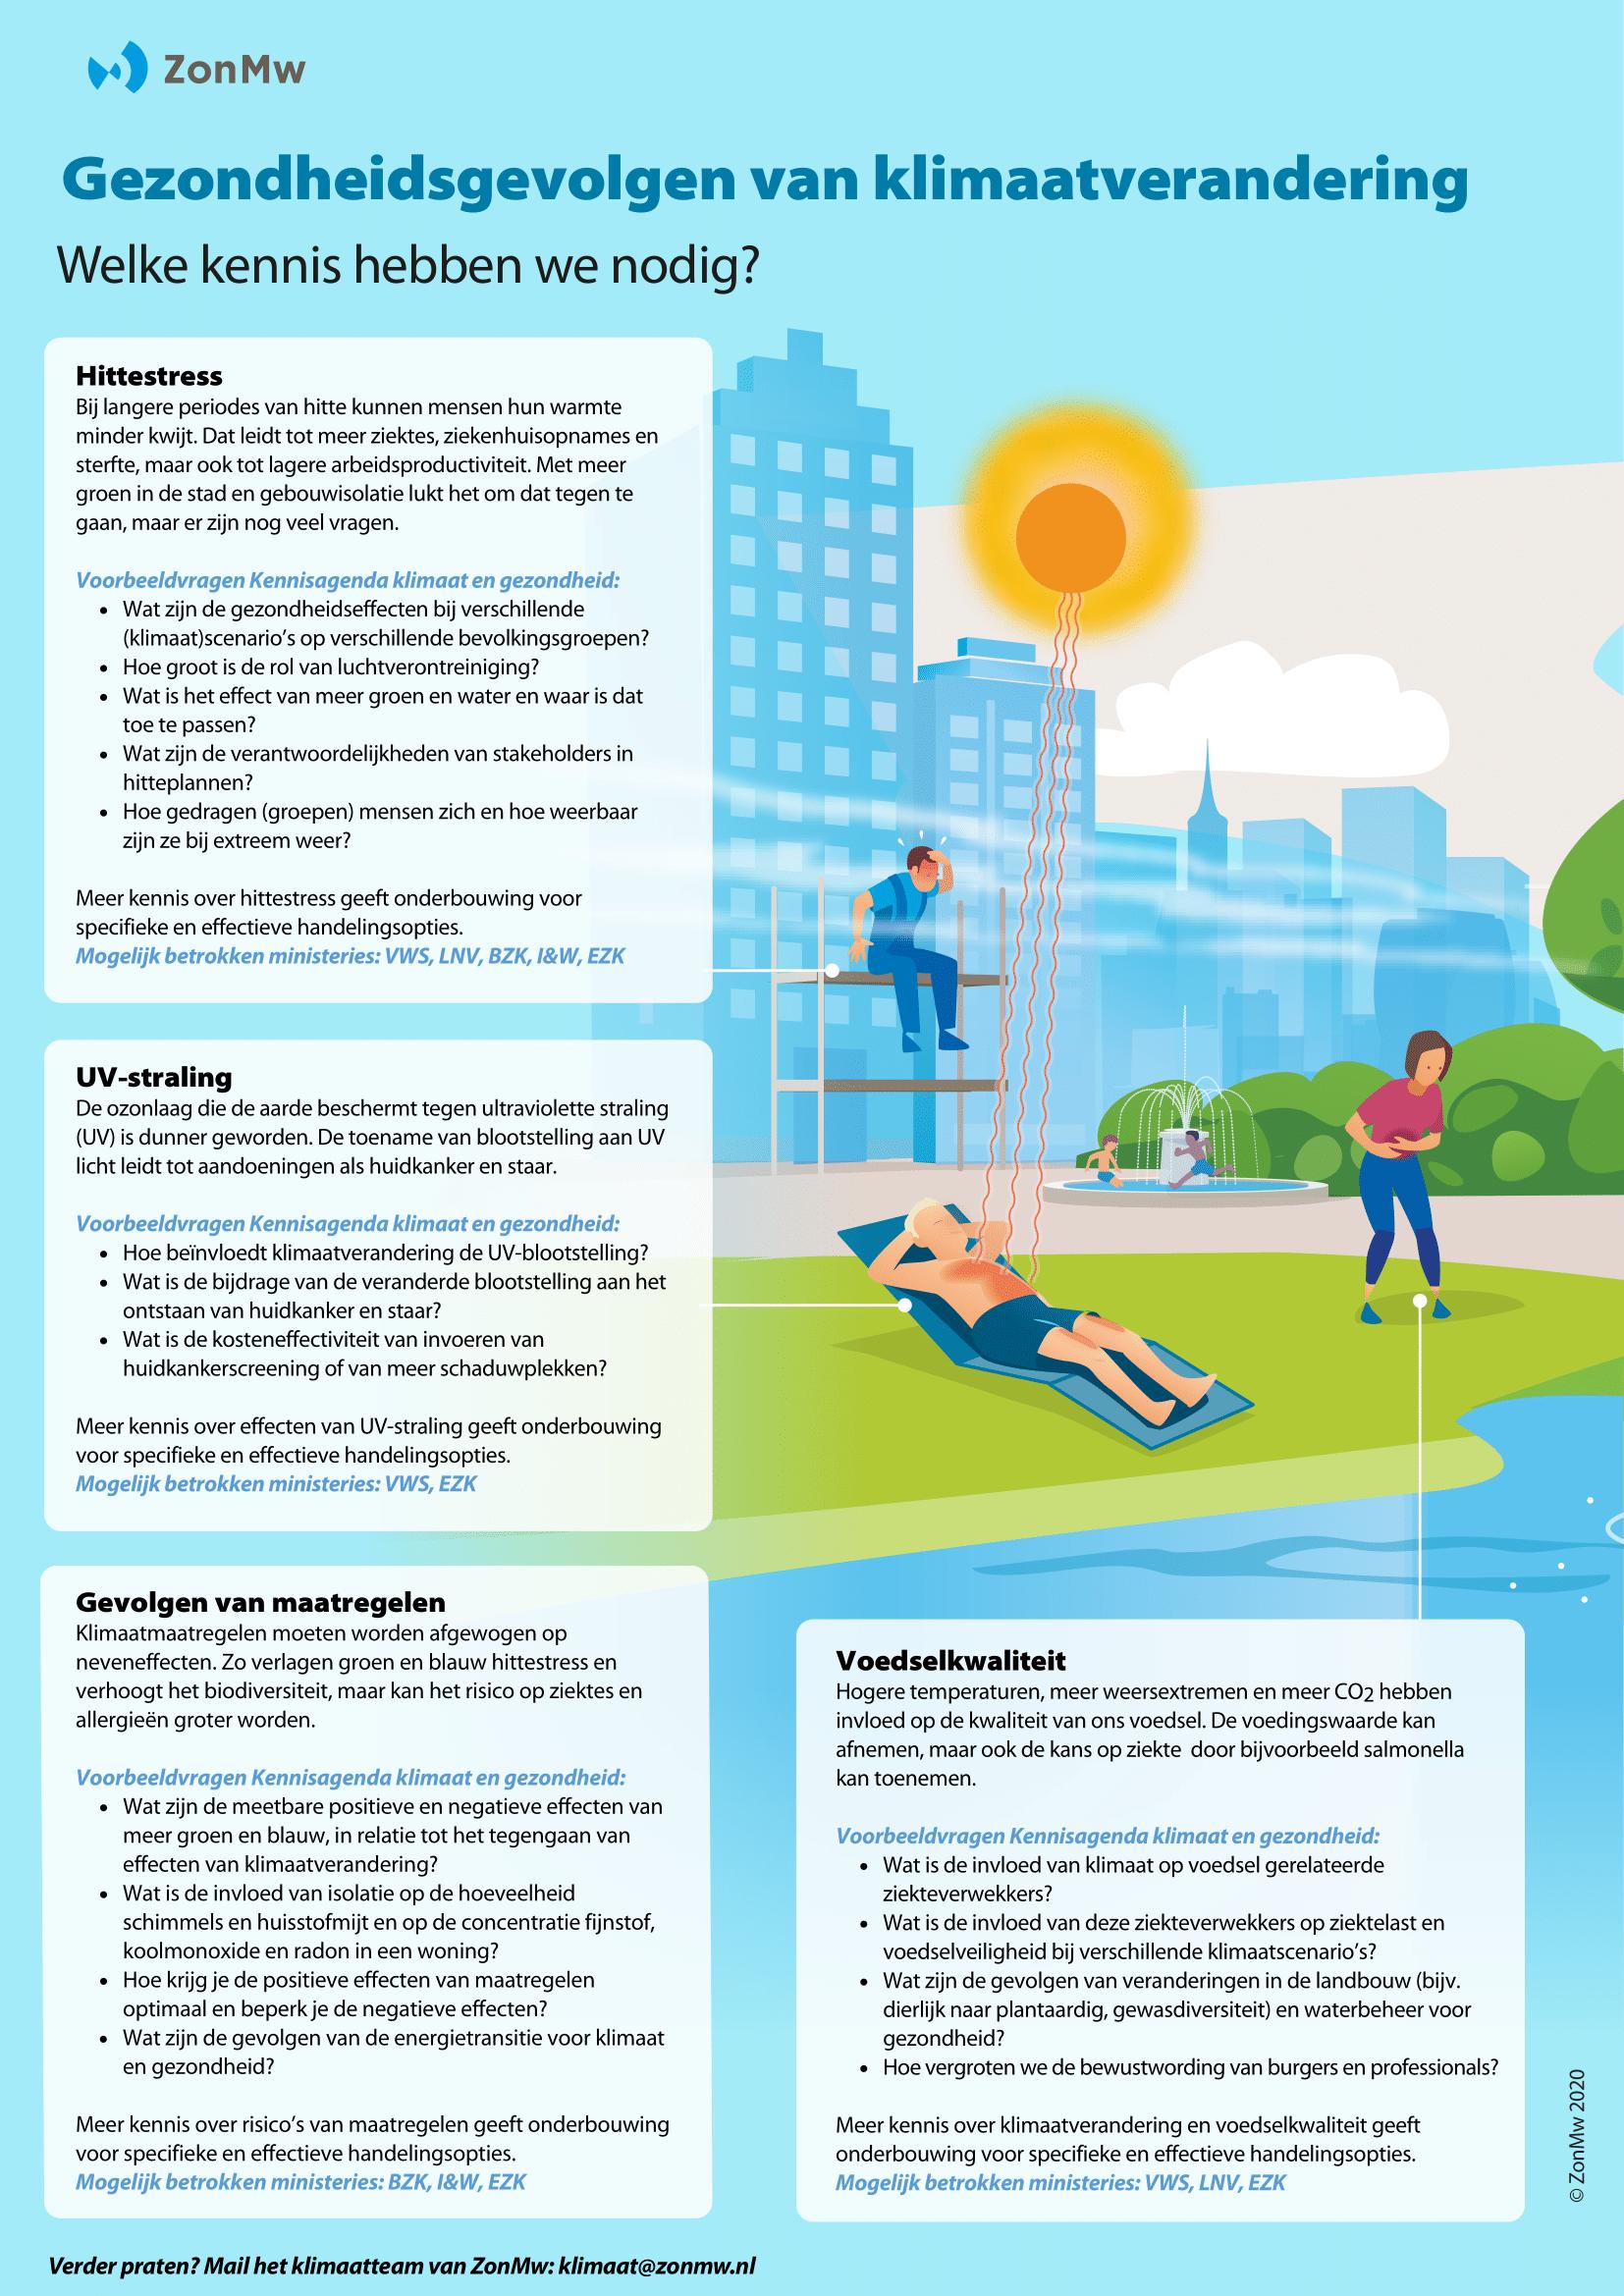 Voorbeeld van hoe je kunt lobbyen met infographic om samenwerkingspartners te vinden voor de financiering van een programma om de gezondheidsgevolgen van klimaatverandering te onderzoeken. pagina 1